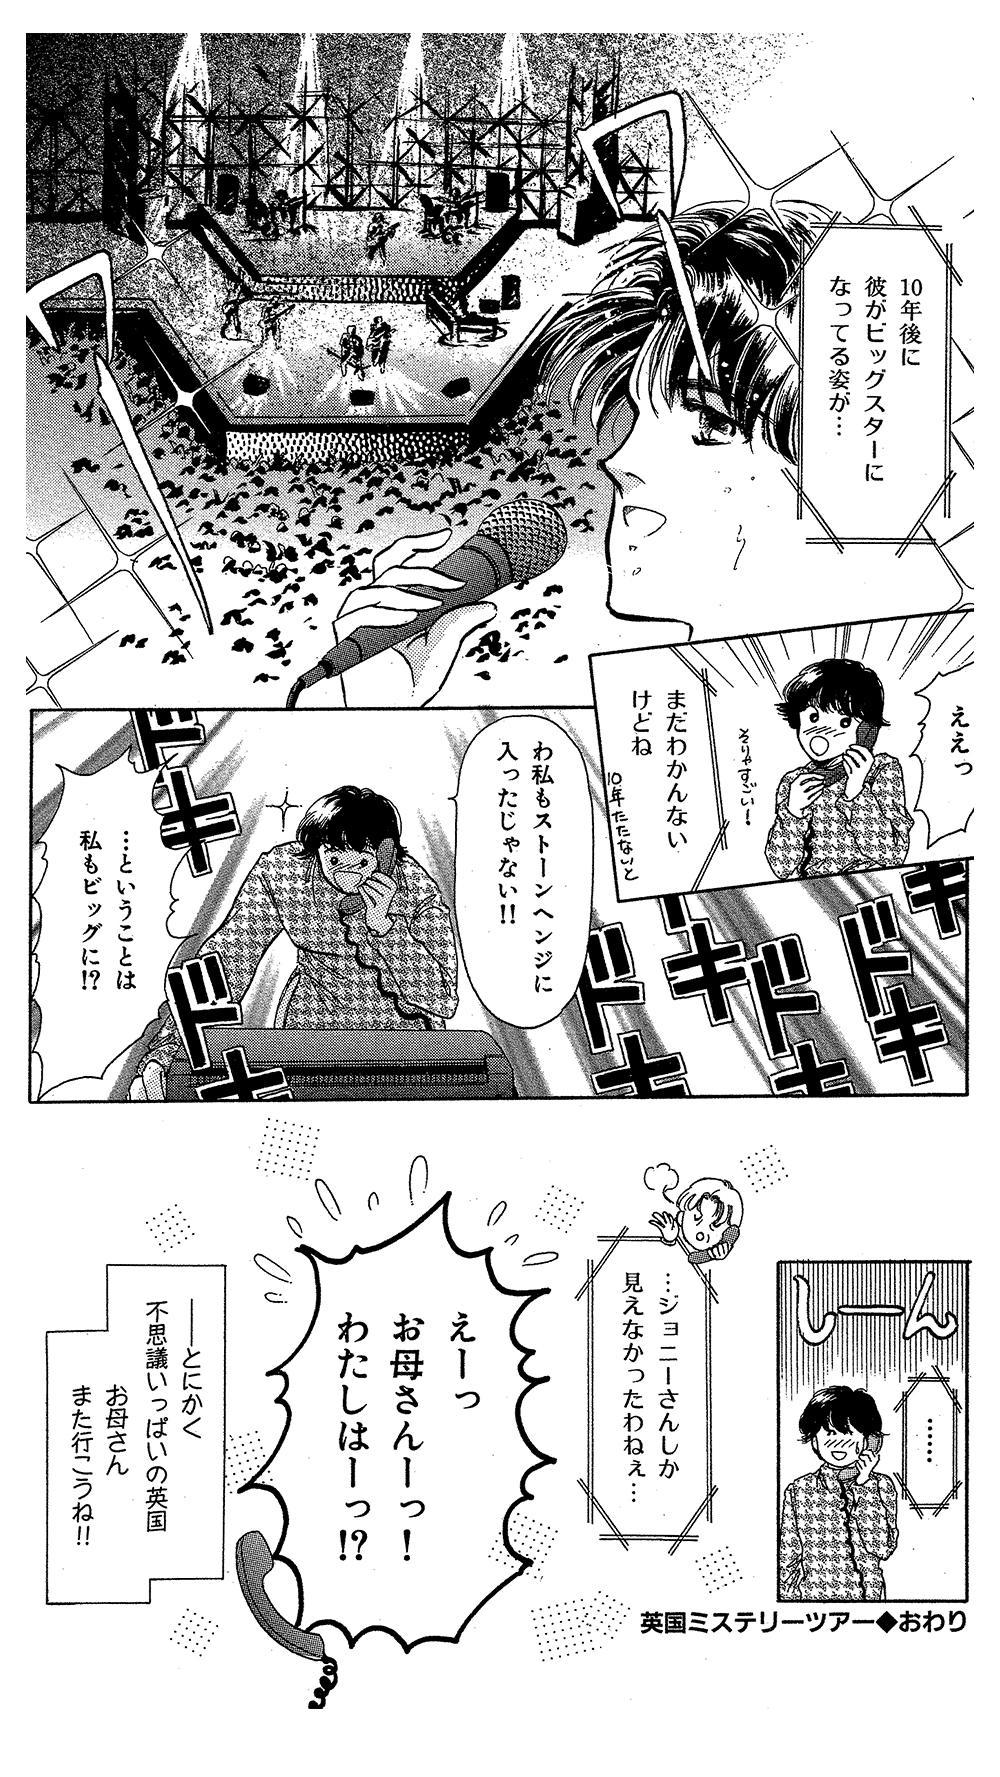 霊感ママシリーズ 第3話「英国ミステリーツアー」③reikanmama-02-96.jpg